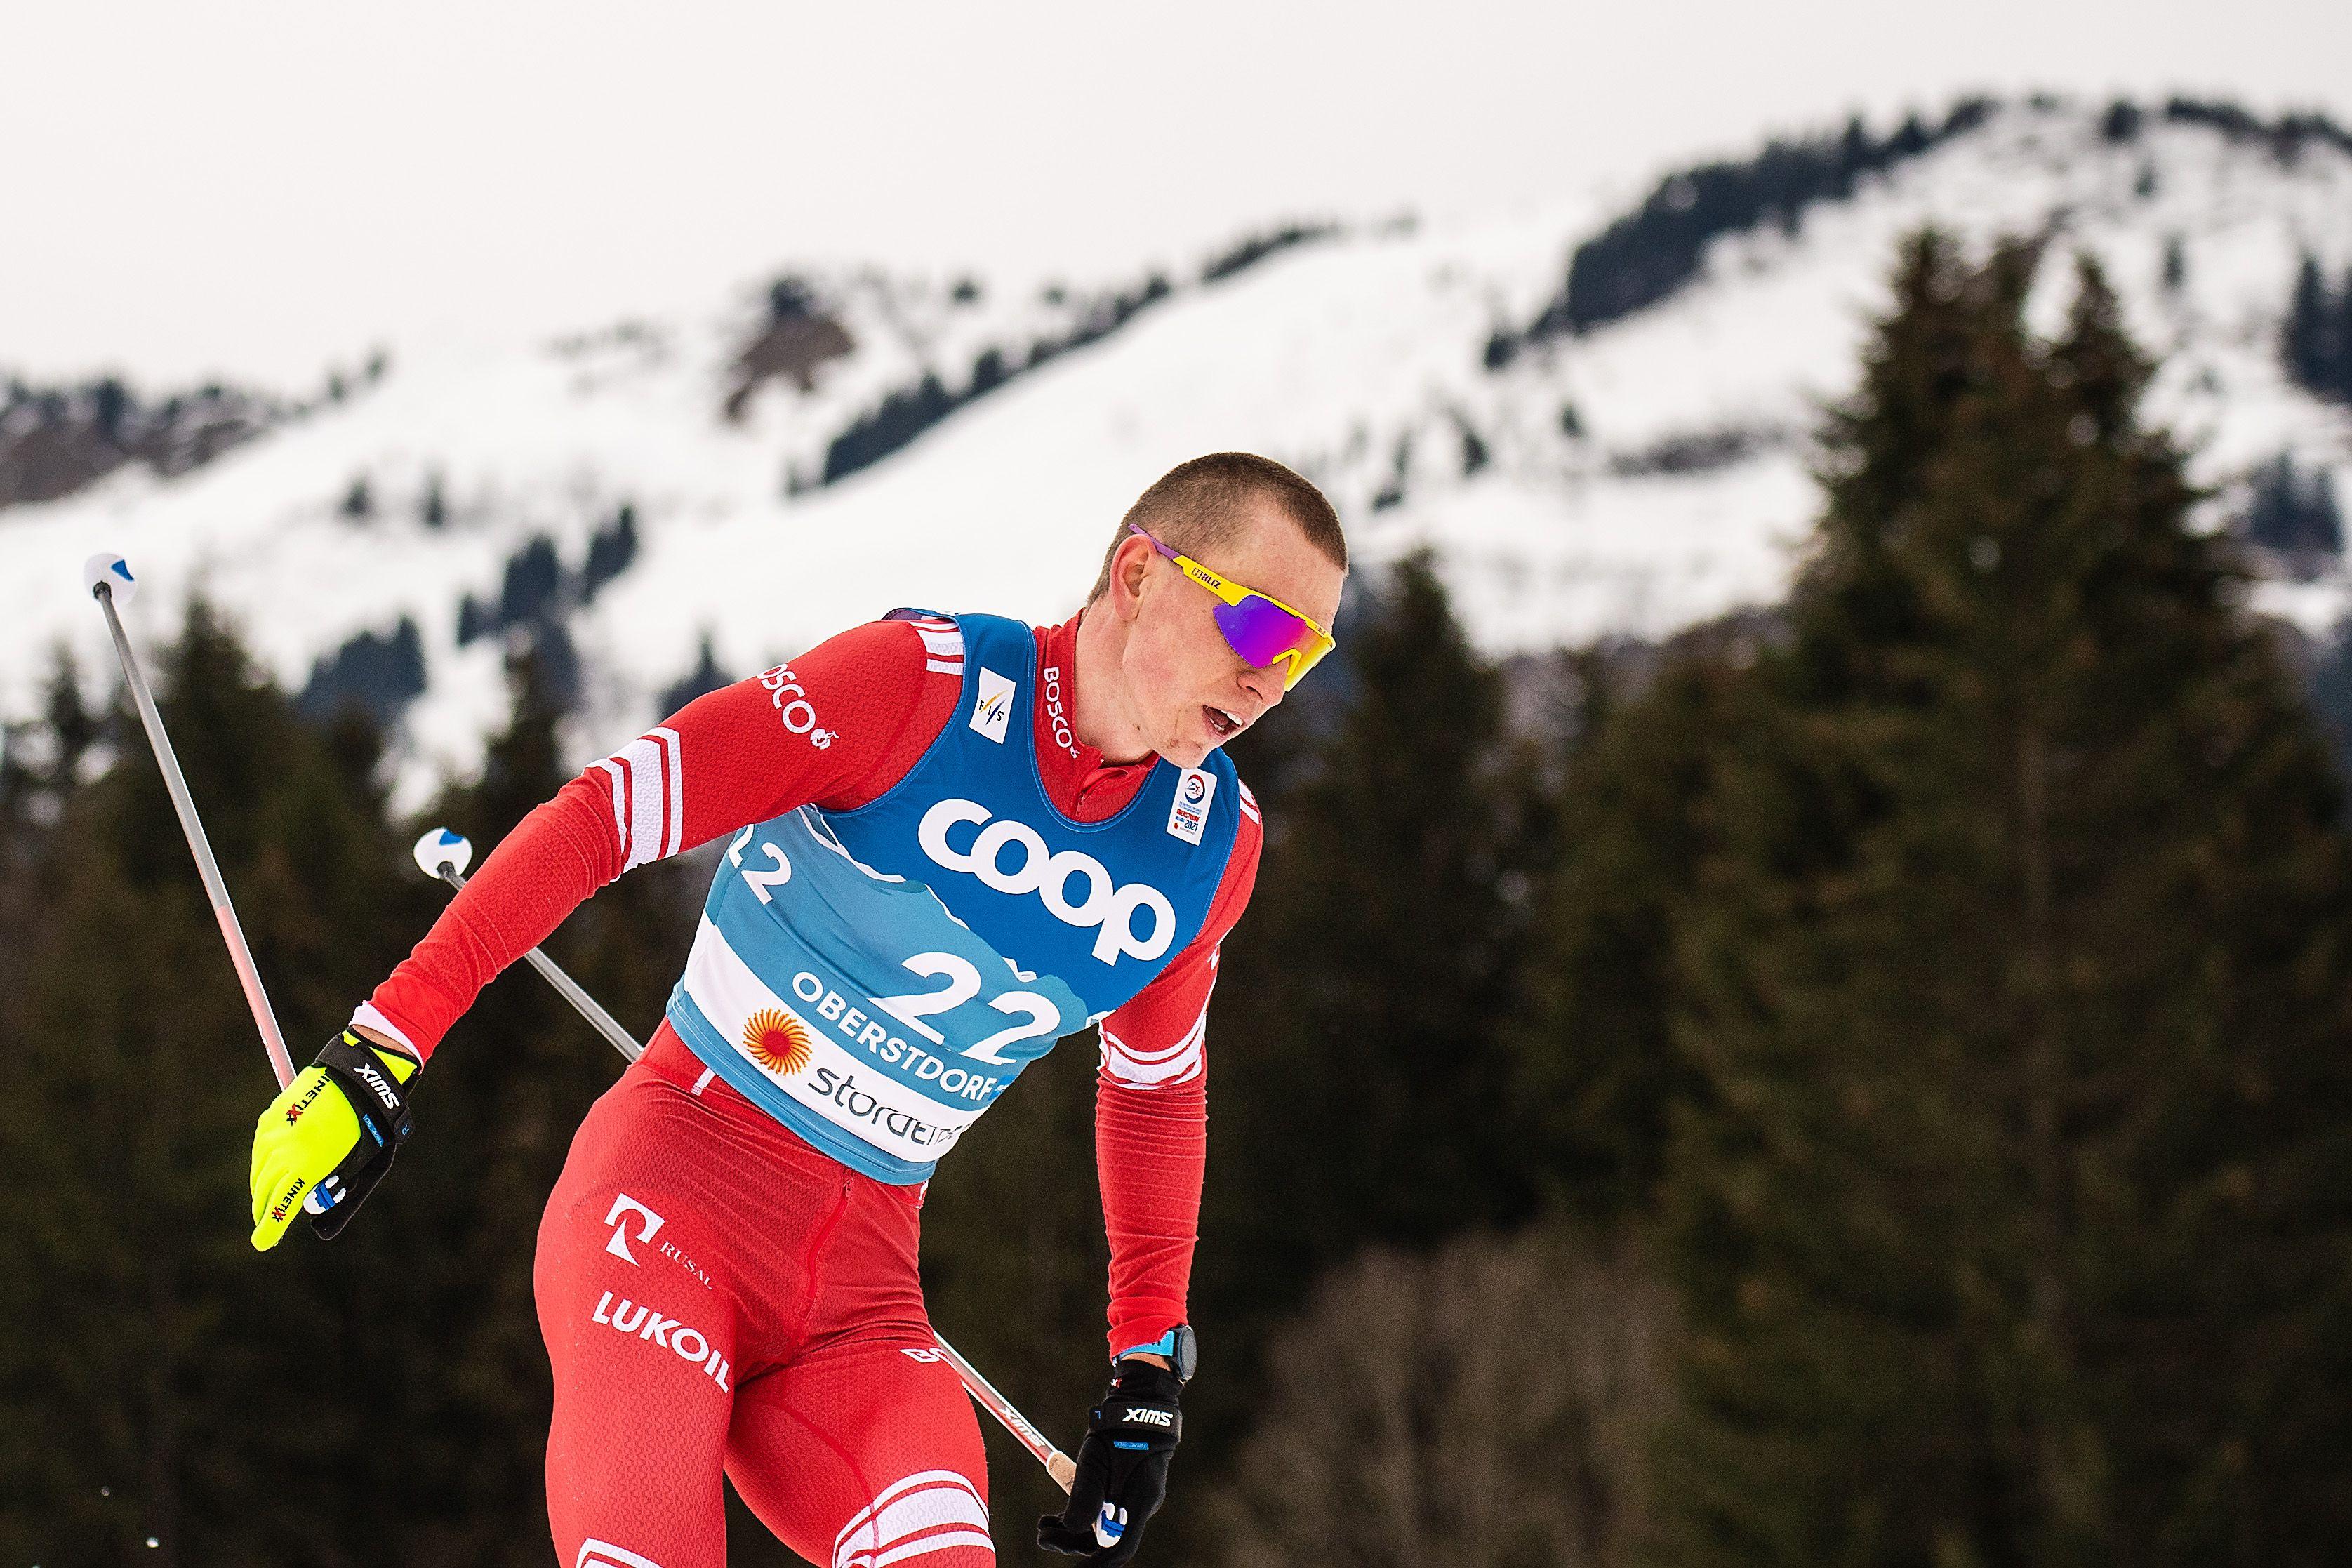 Тренер российских лыжников рассказал о состоянии Большунова перед эстафетой